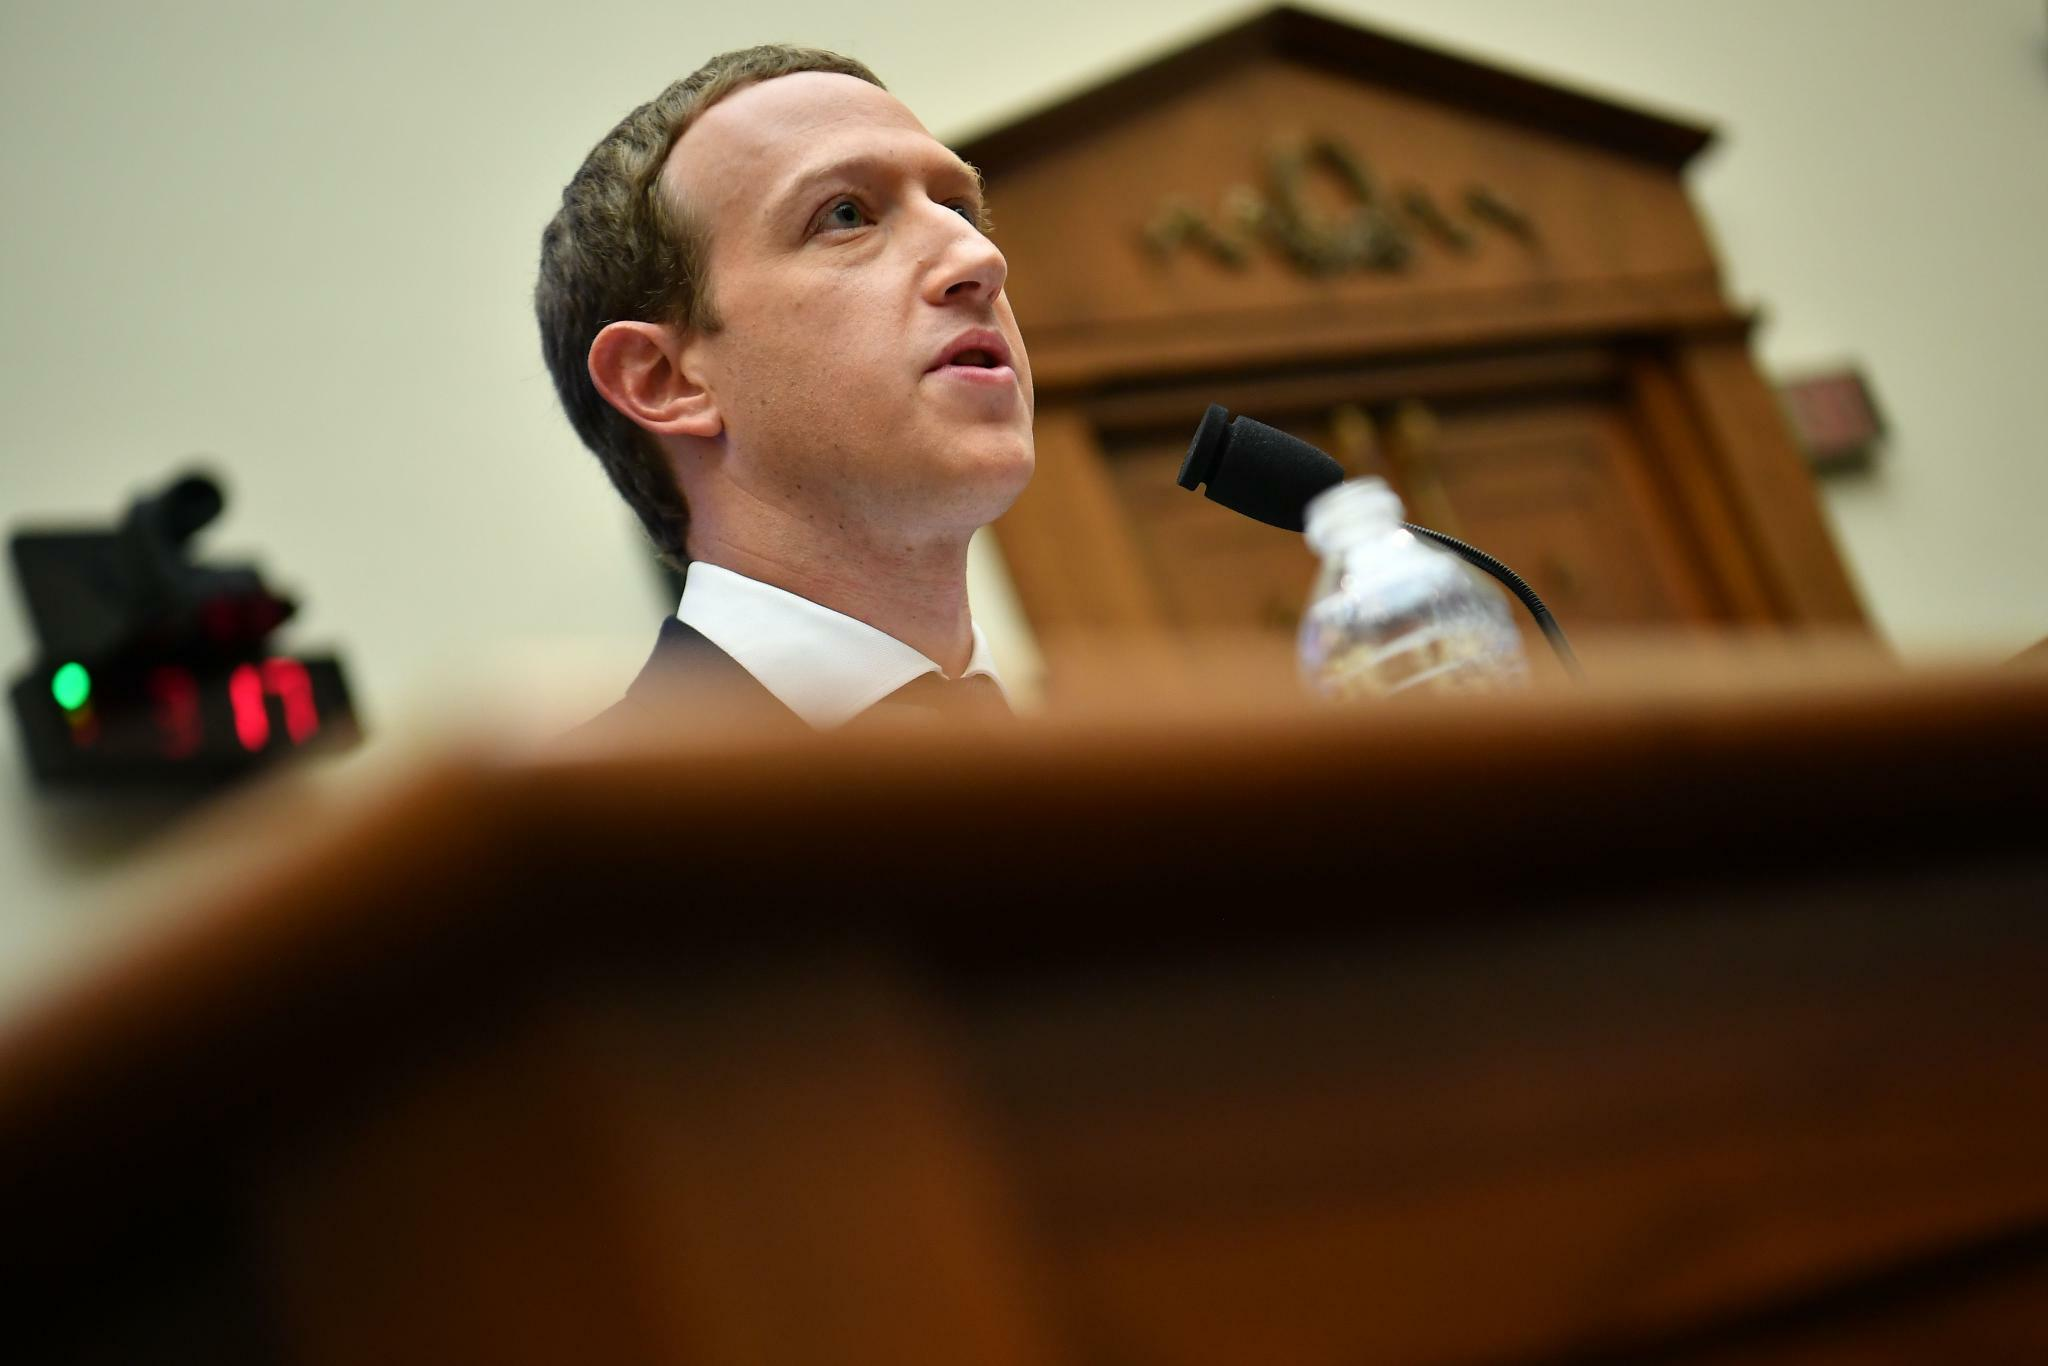 Libra: Zuckerberg verteidigt Kryptowährung im US-Kongress